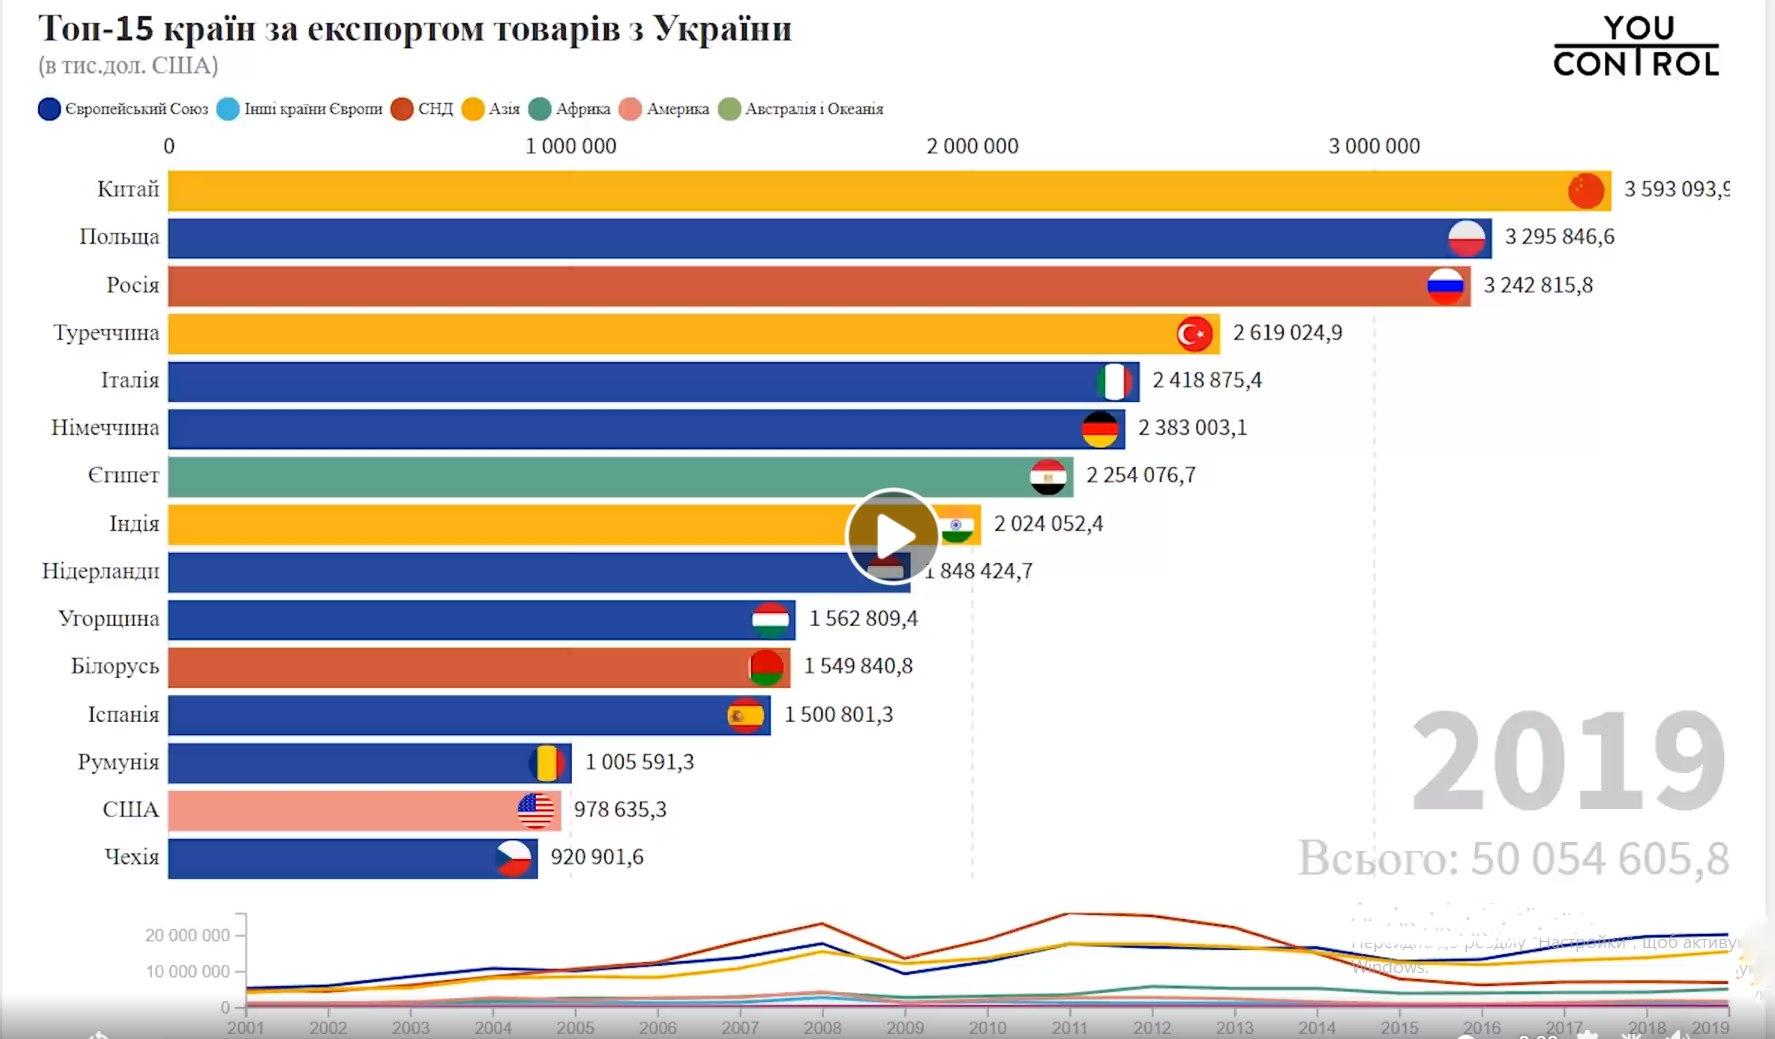 страны-партнеры по экспорту Украины